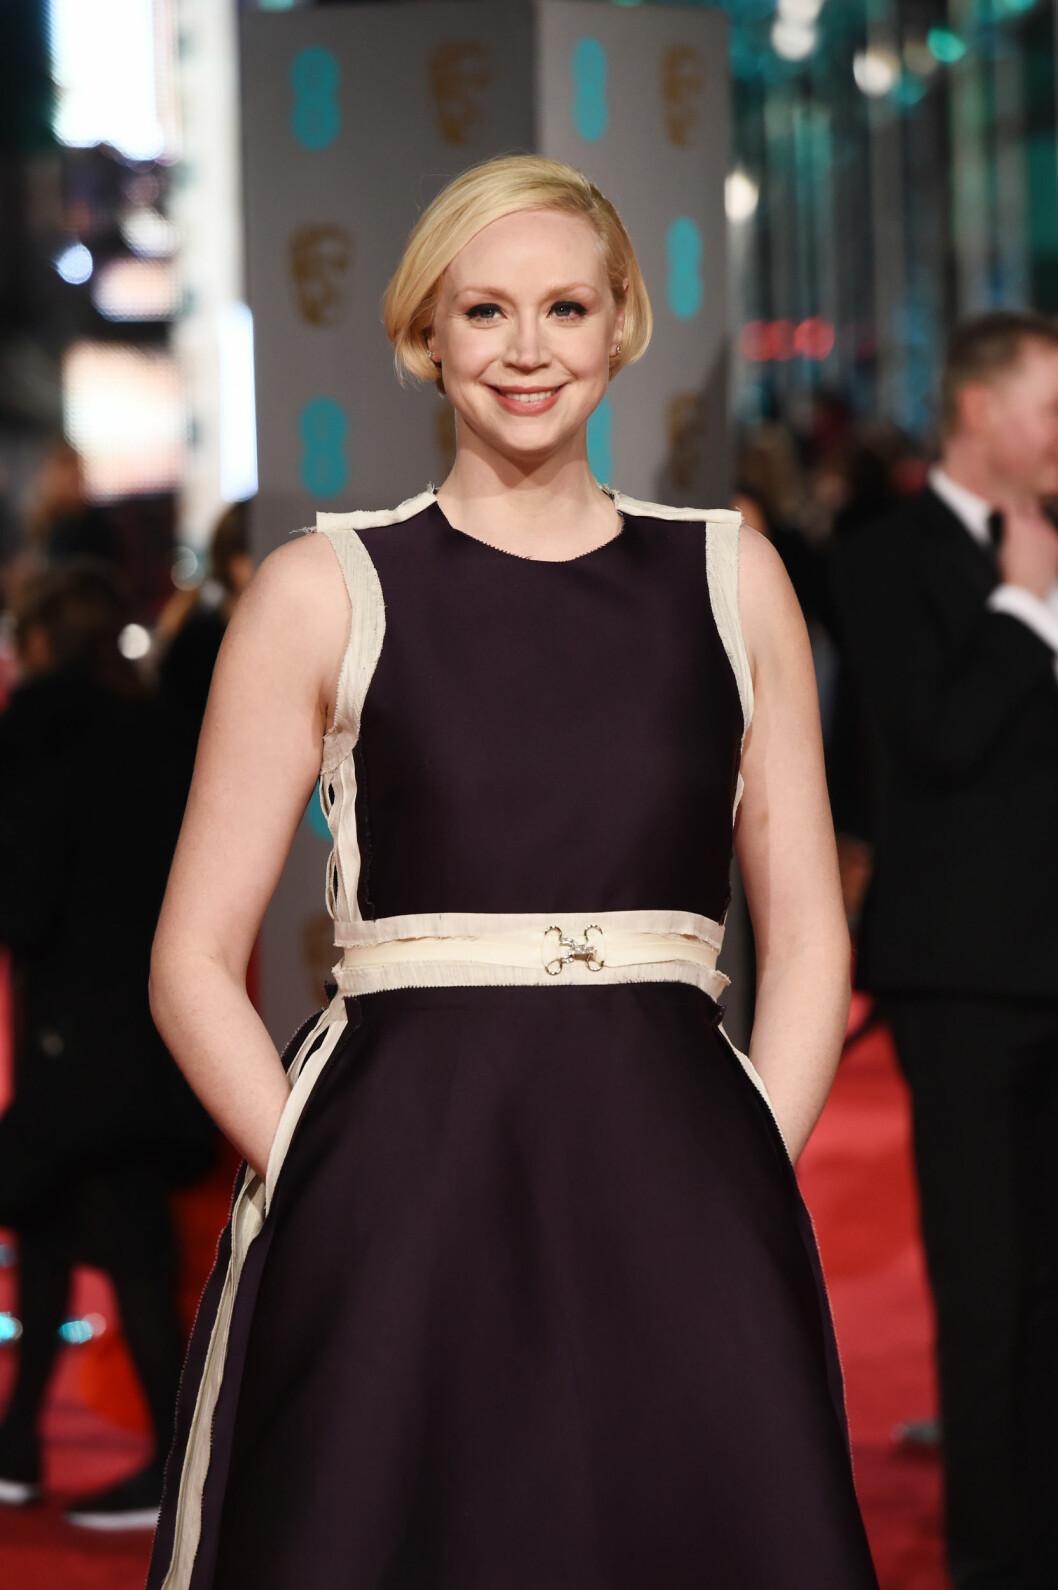 WOW! Altså, hvem hadde trodd at vi hadde sett Brienne, eller Gwendoline Christie som hun egentlig heter, i kjole.  Foto: Xposure